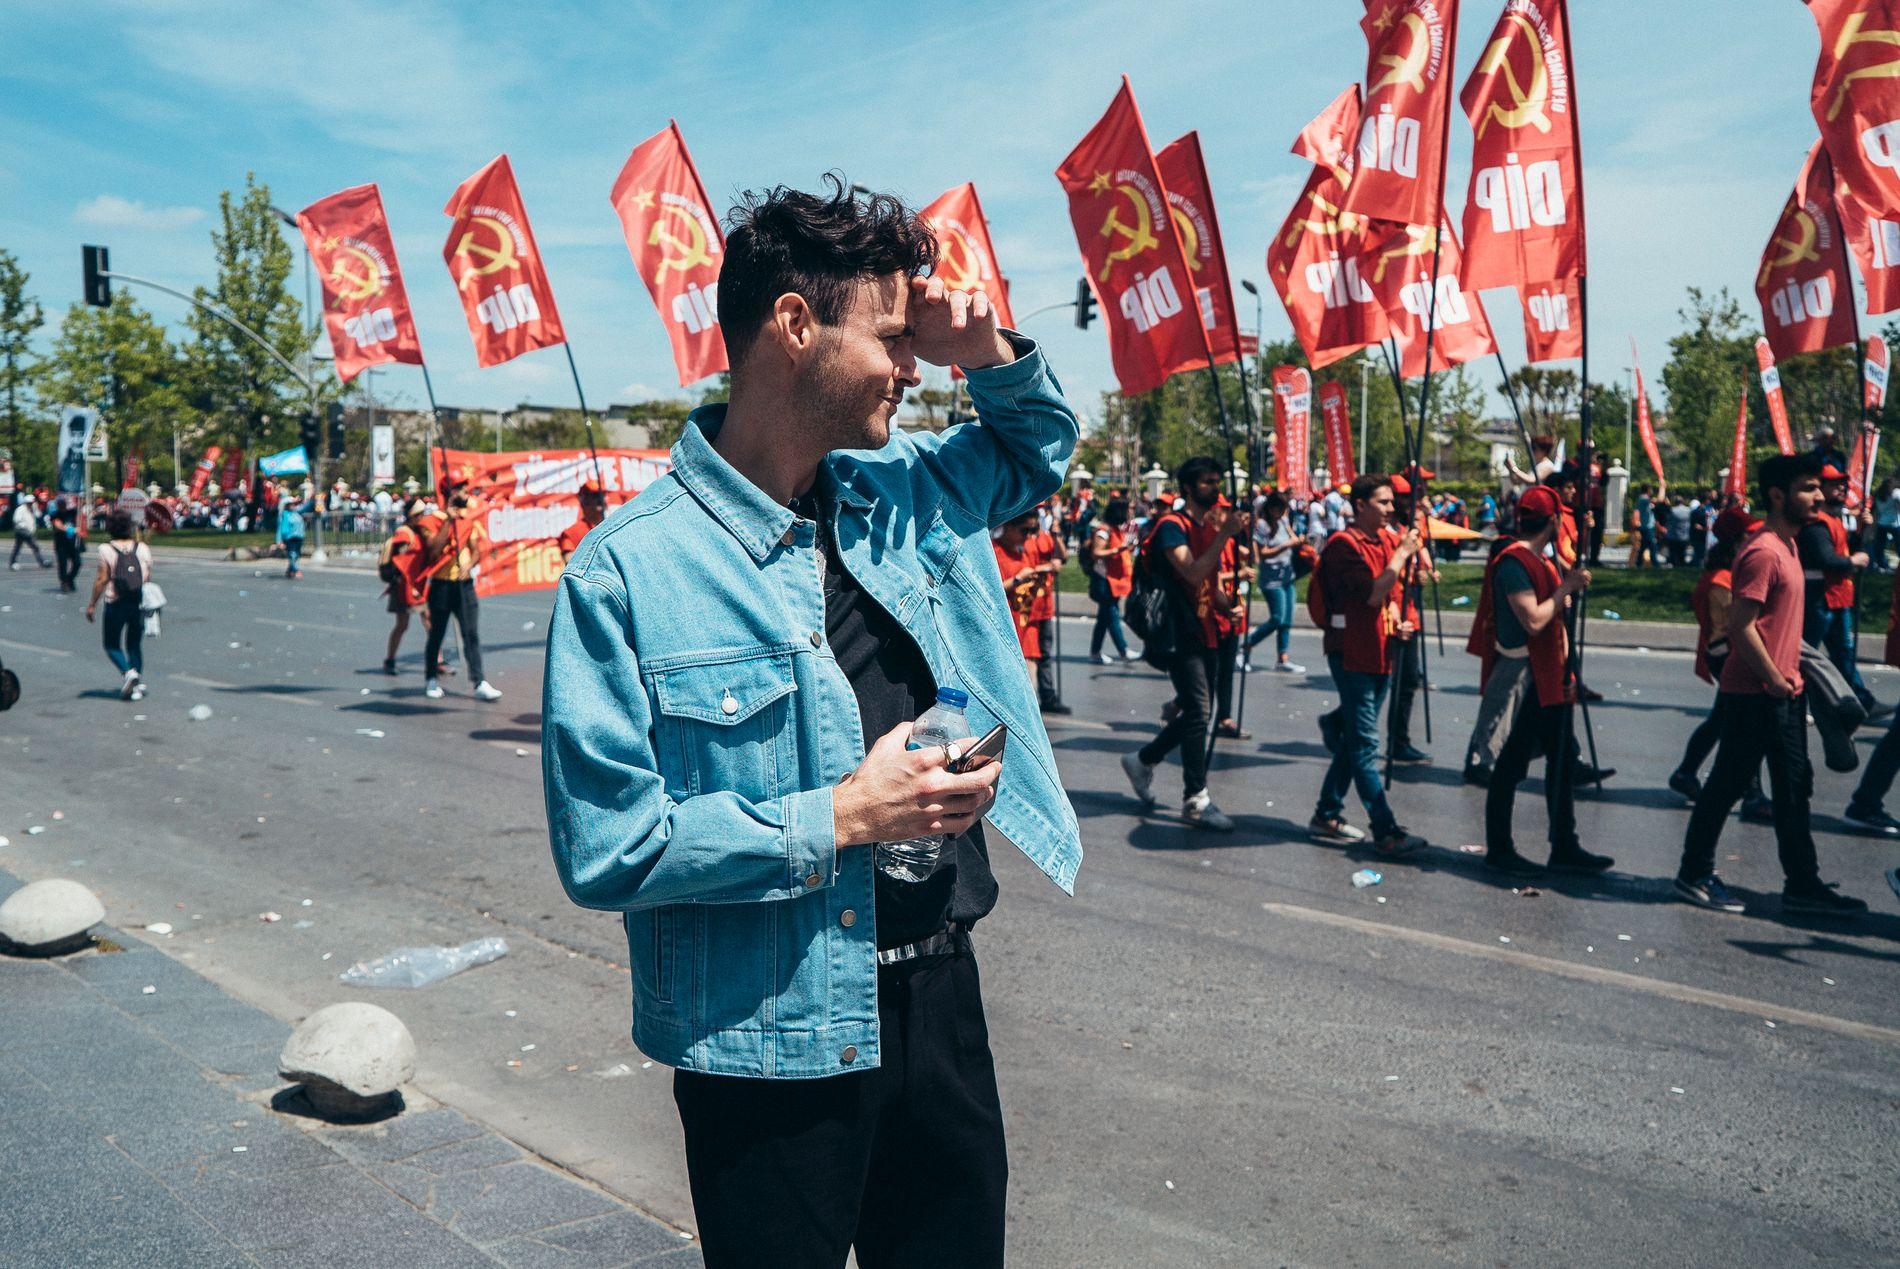 DEMONSTRASJONER: Gisle Agledahl foran demonstrasjonene under arbeidernes dag i Tyrkia 1. mai. Denne dagen fikk de se politiet ta affære mot mange.